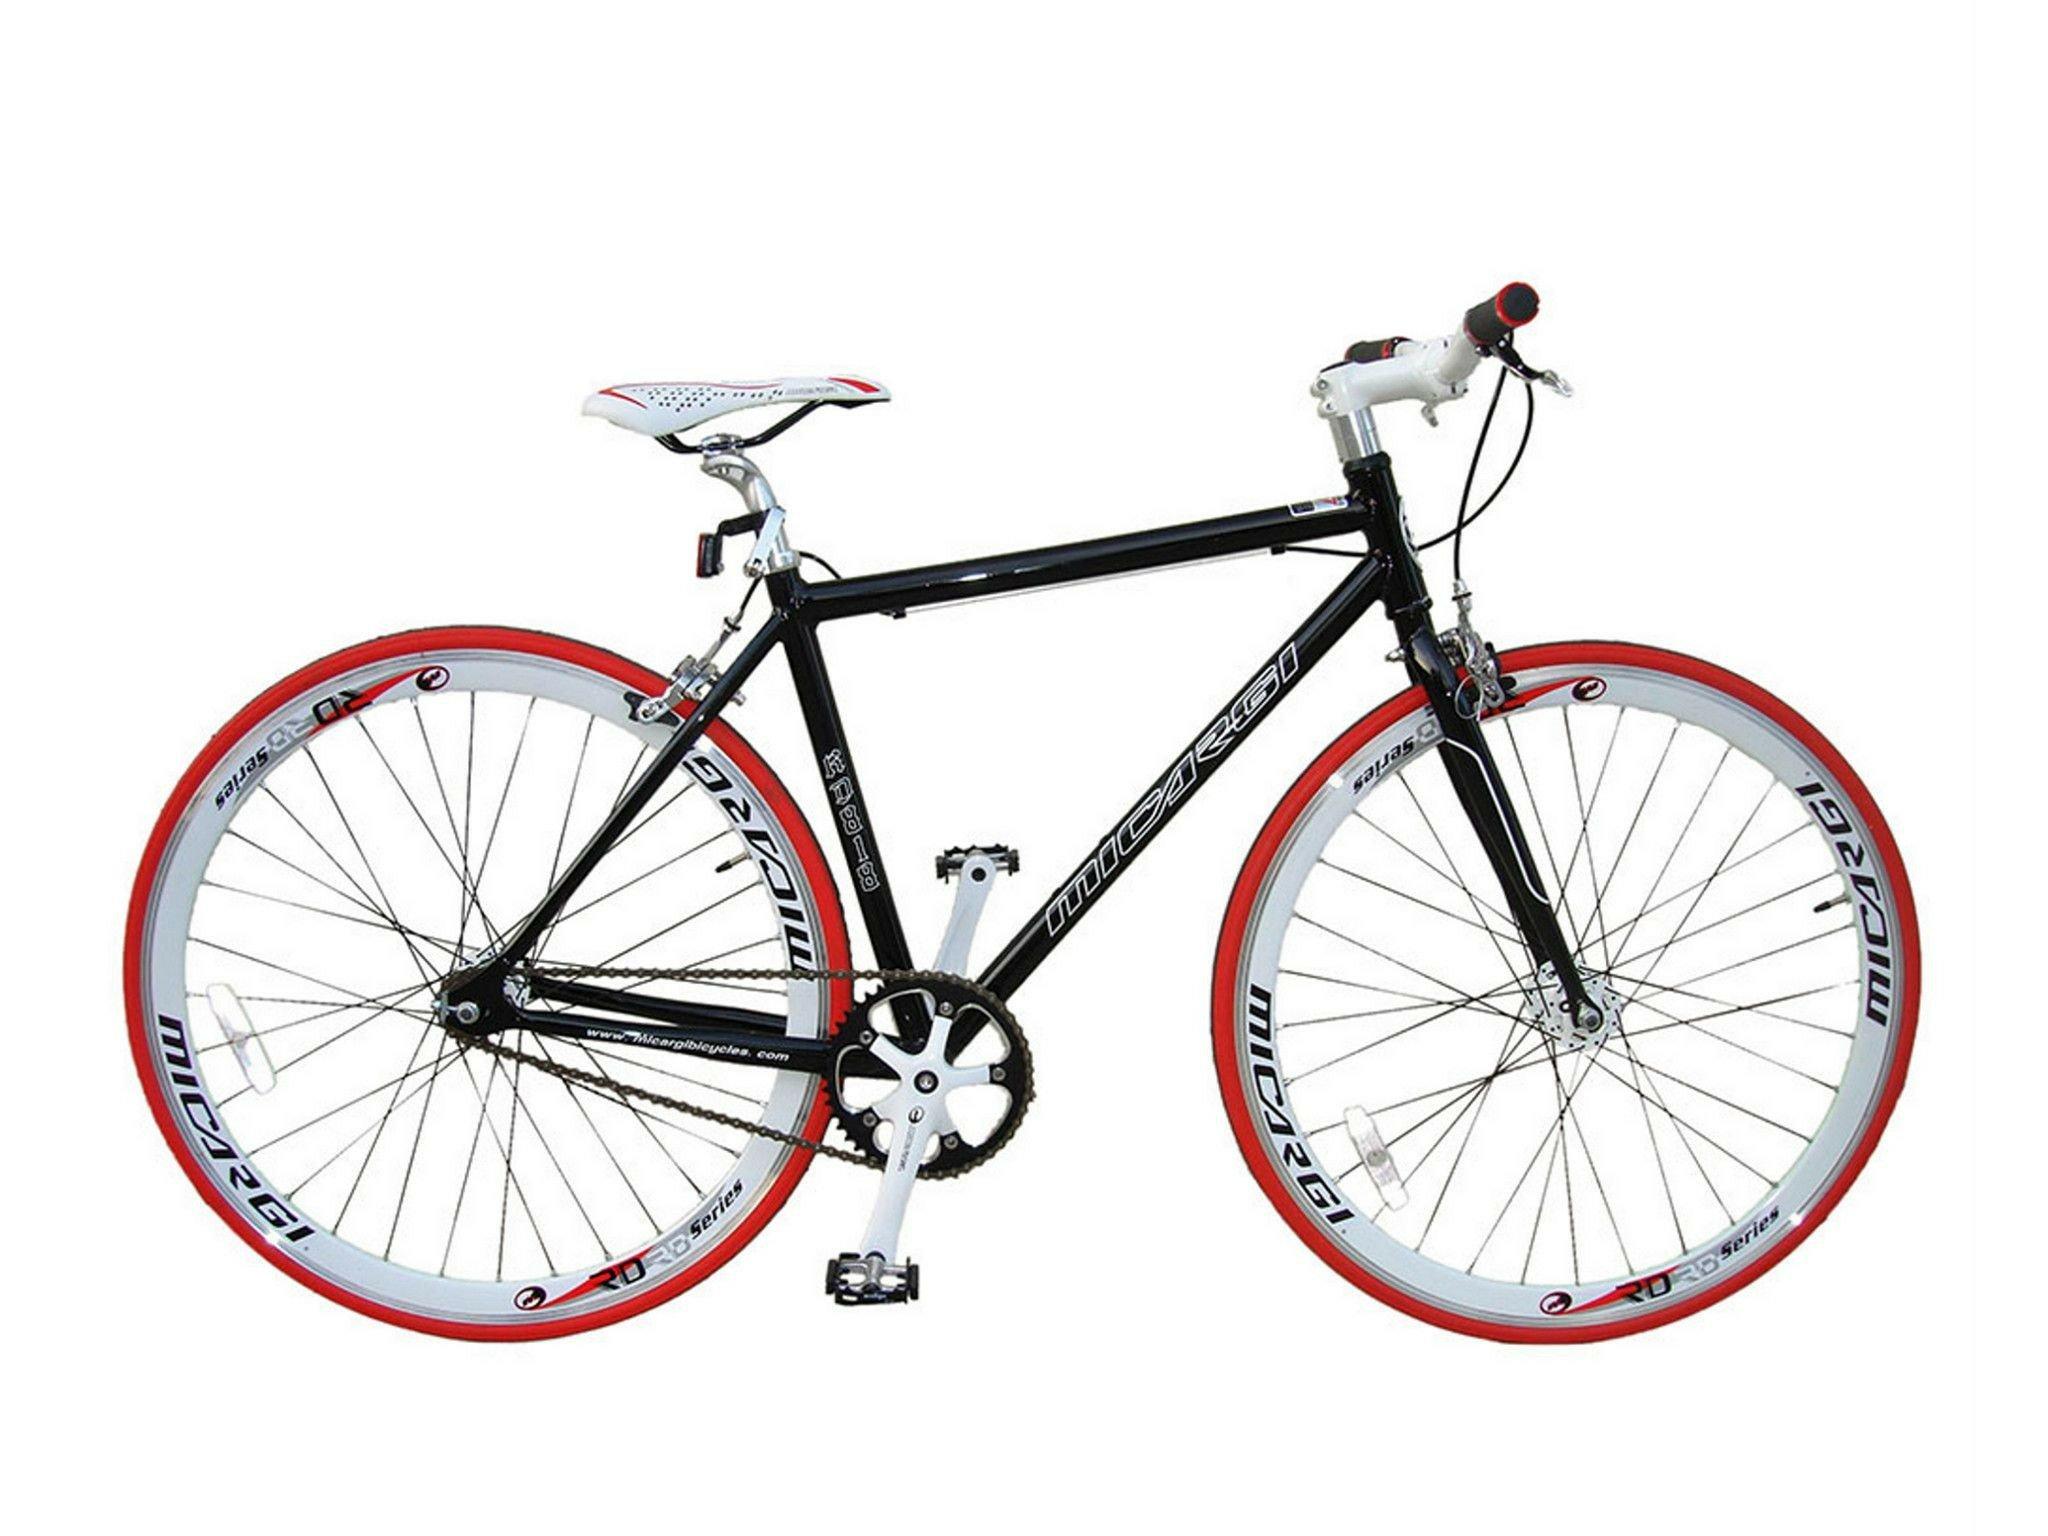 micargi rd818 700 C Fijo Rueda Bicicleta de carretera fixie sola velocidad buje flip flop 48 cm marco de aleación negro 10,2 kg: Amazon.es: Deportes y aire libre